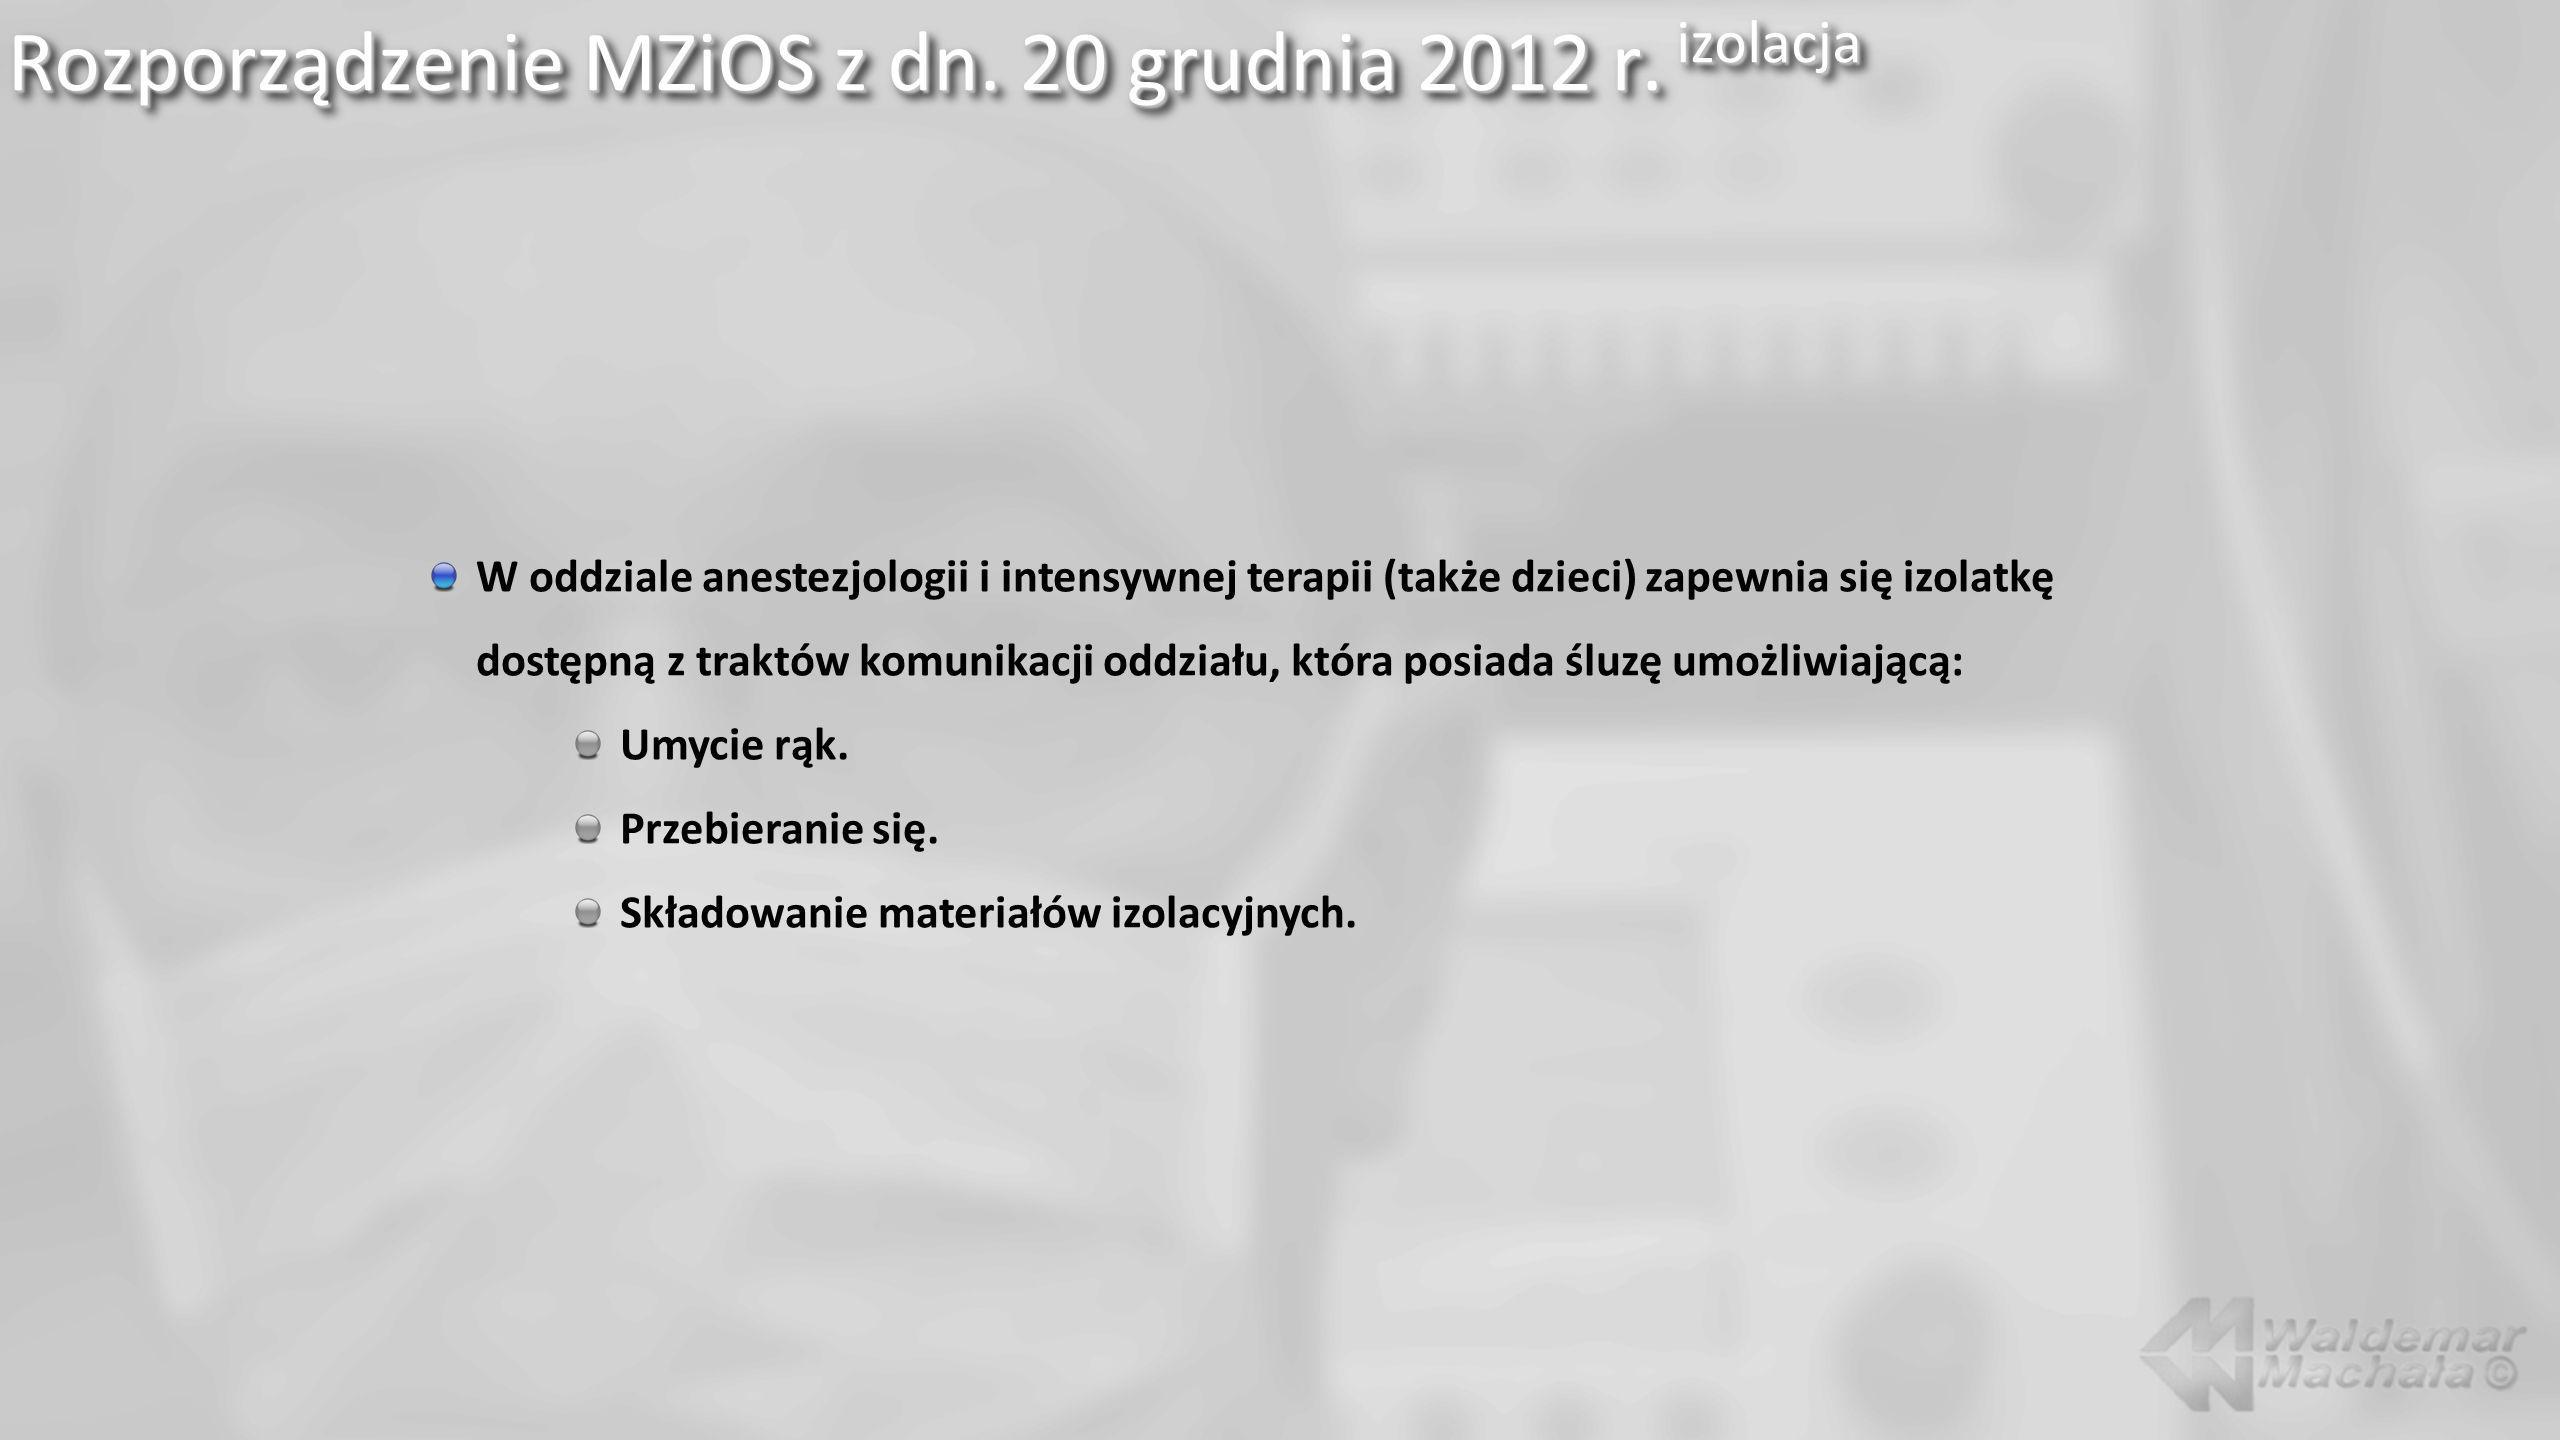 Rozporządzenie MZiOS z dn. 20 grudnia 2012 r. izolacja W oddziale anestezjologii i intensywnej terapii (także dzieci) zapewnia się izolatkę dostępną z